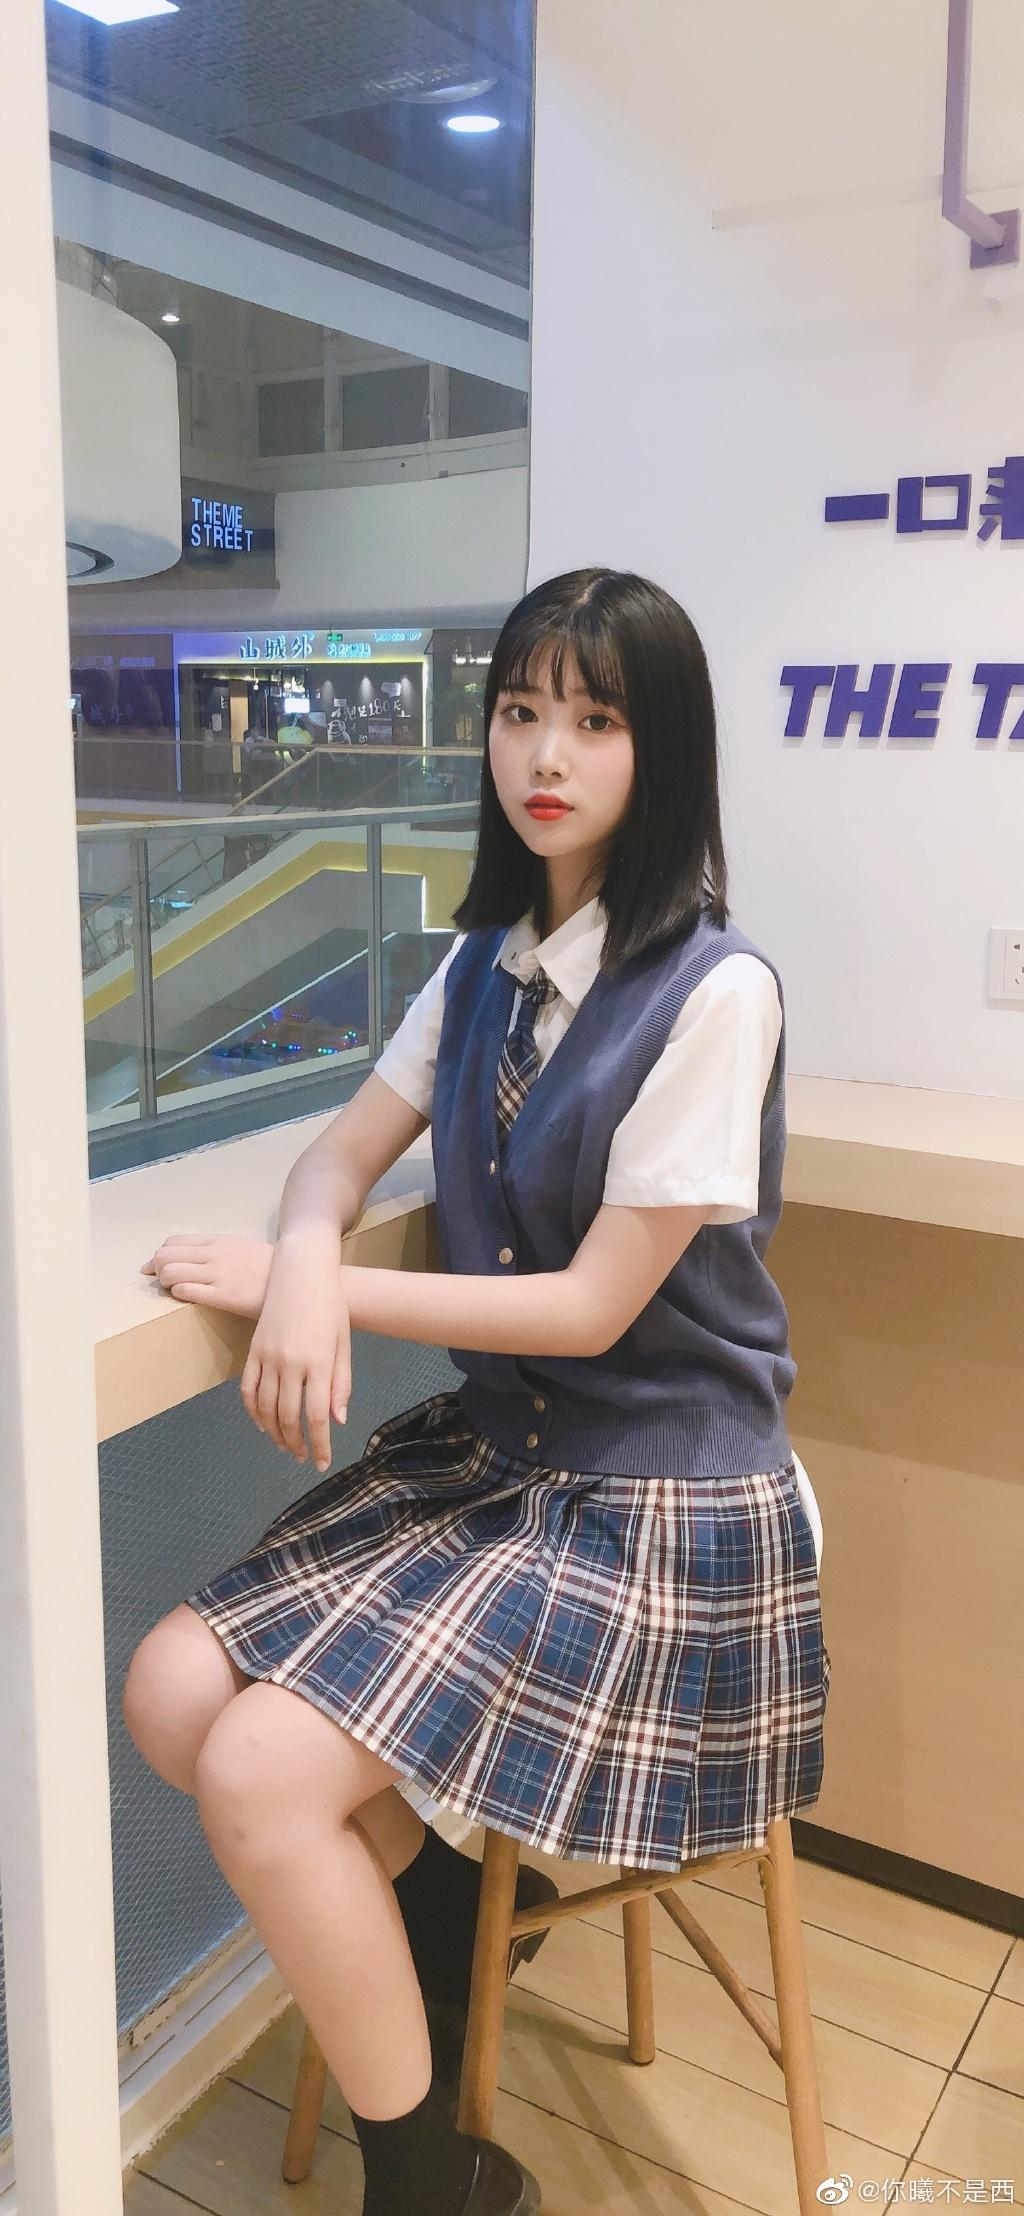 今日妹子图 20200419 cosplay**图片 @你曦不是西 liuliushe.net六六社 第8张